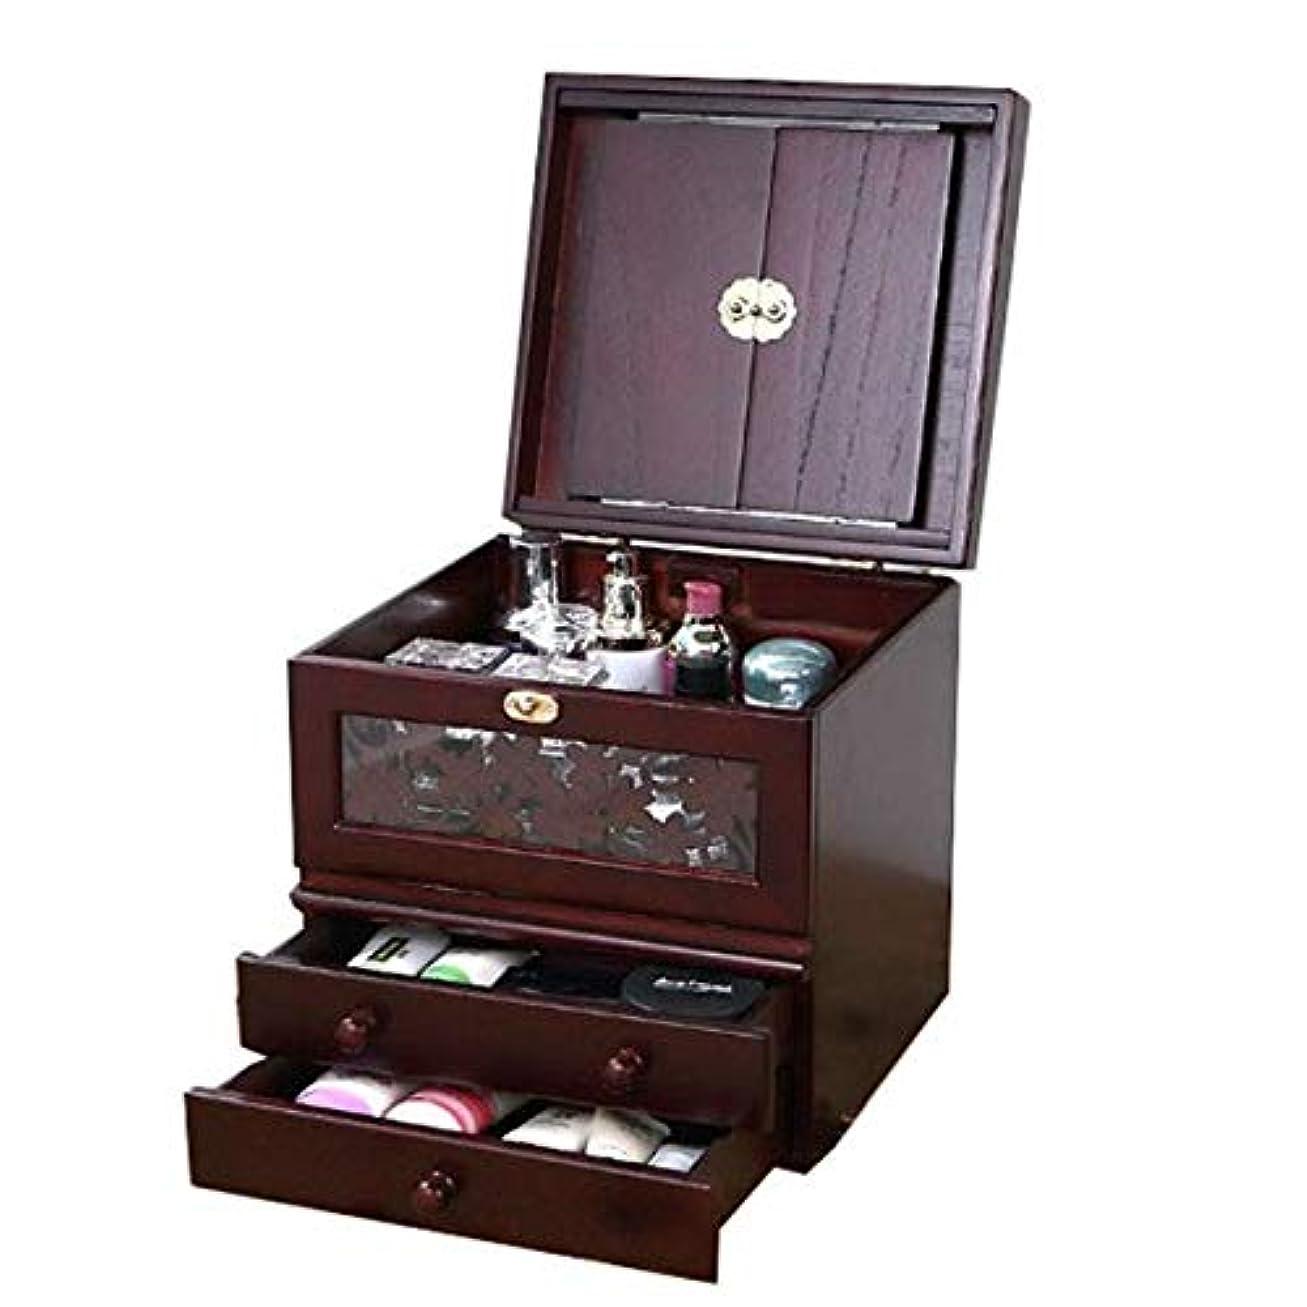 ゲインセイやけど三角化粧箱、ミラー付きヴィンテージ木製化粧品ケースの3層、ハイエンドの結婚祝い、新築祝いのギフト、美容ネイルジュエリー収納ボックス